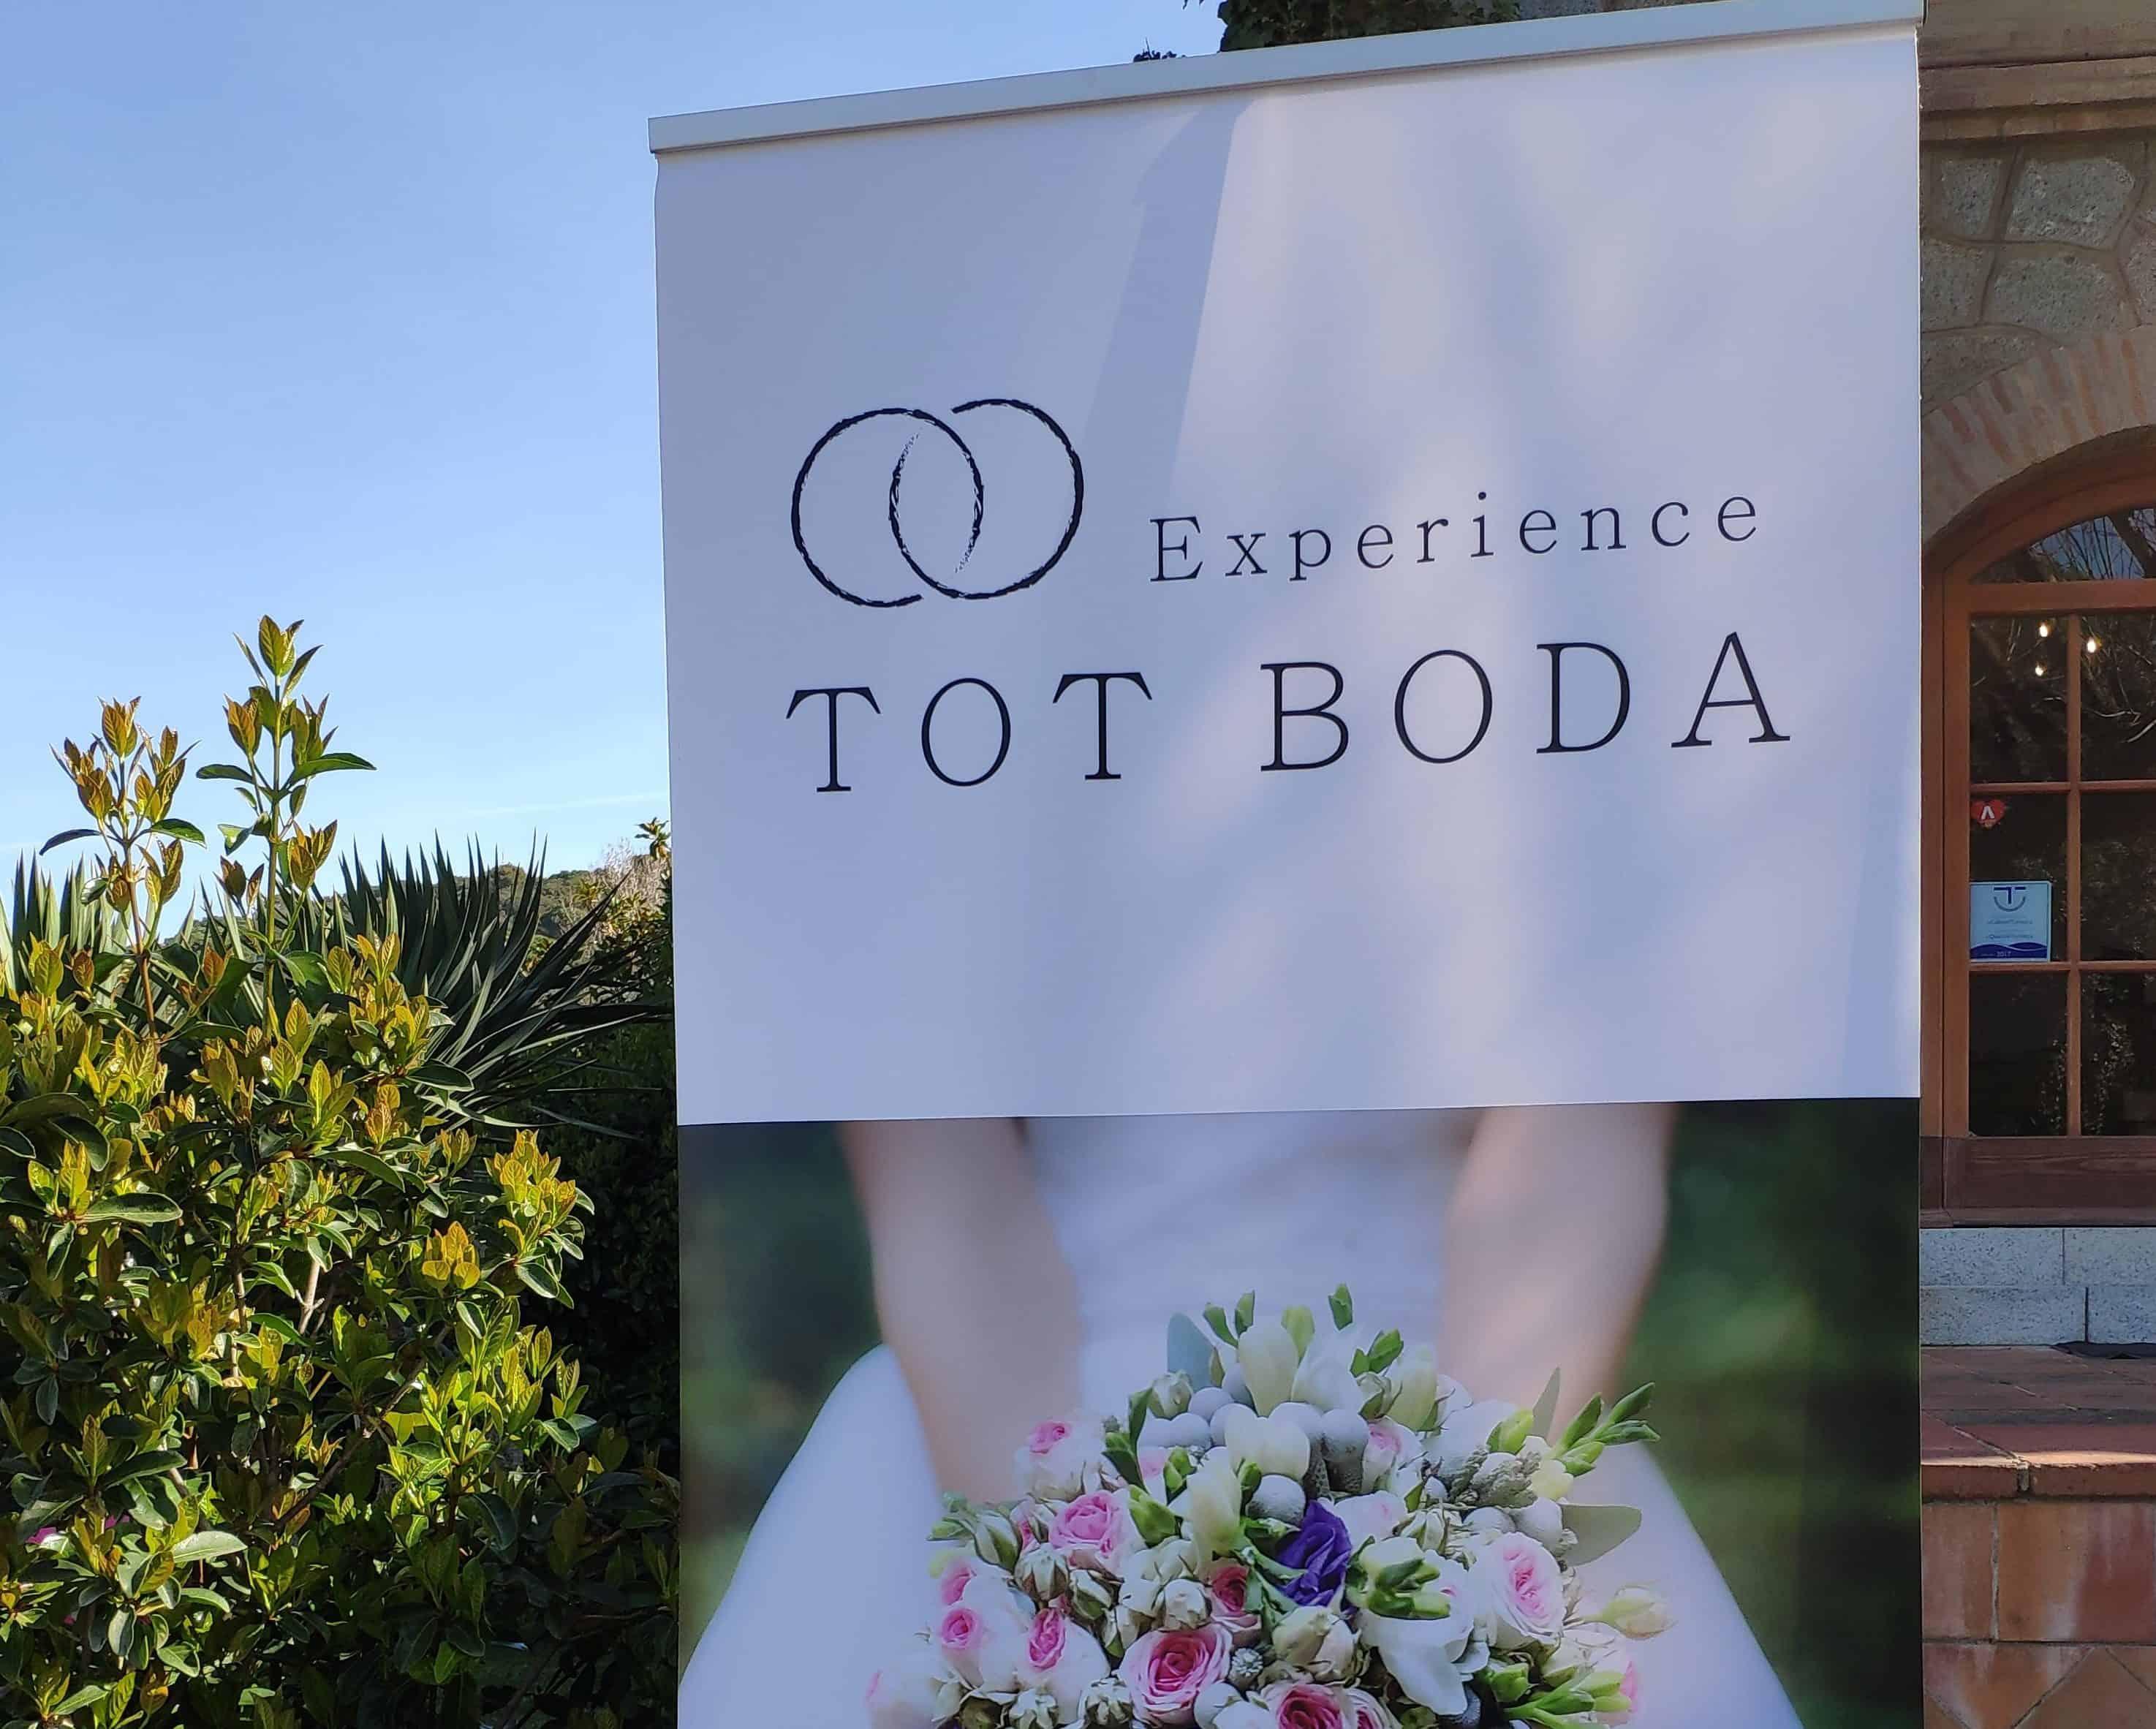 La V edición de TOTBODA EXPERIENCE en Mas de Sant Lleí… ¡Todo un éxito!